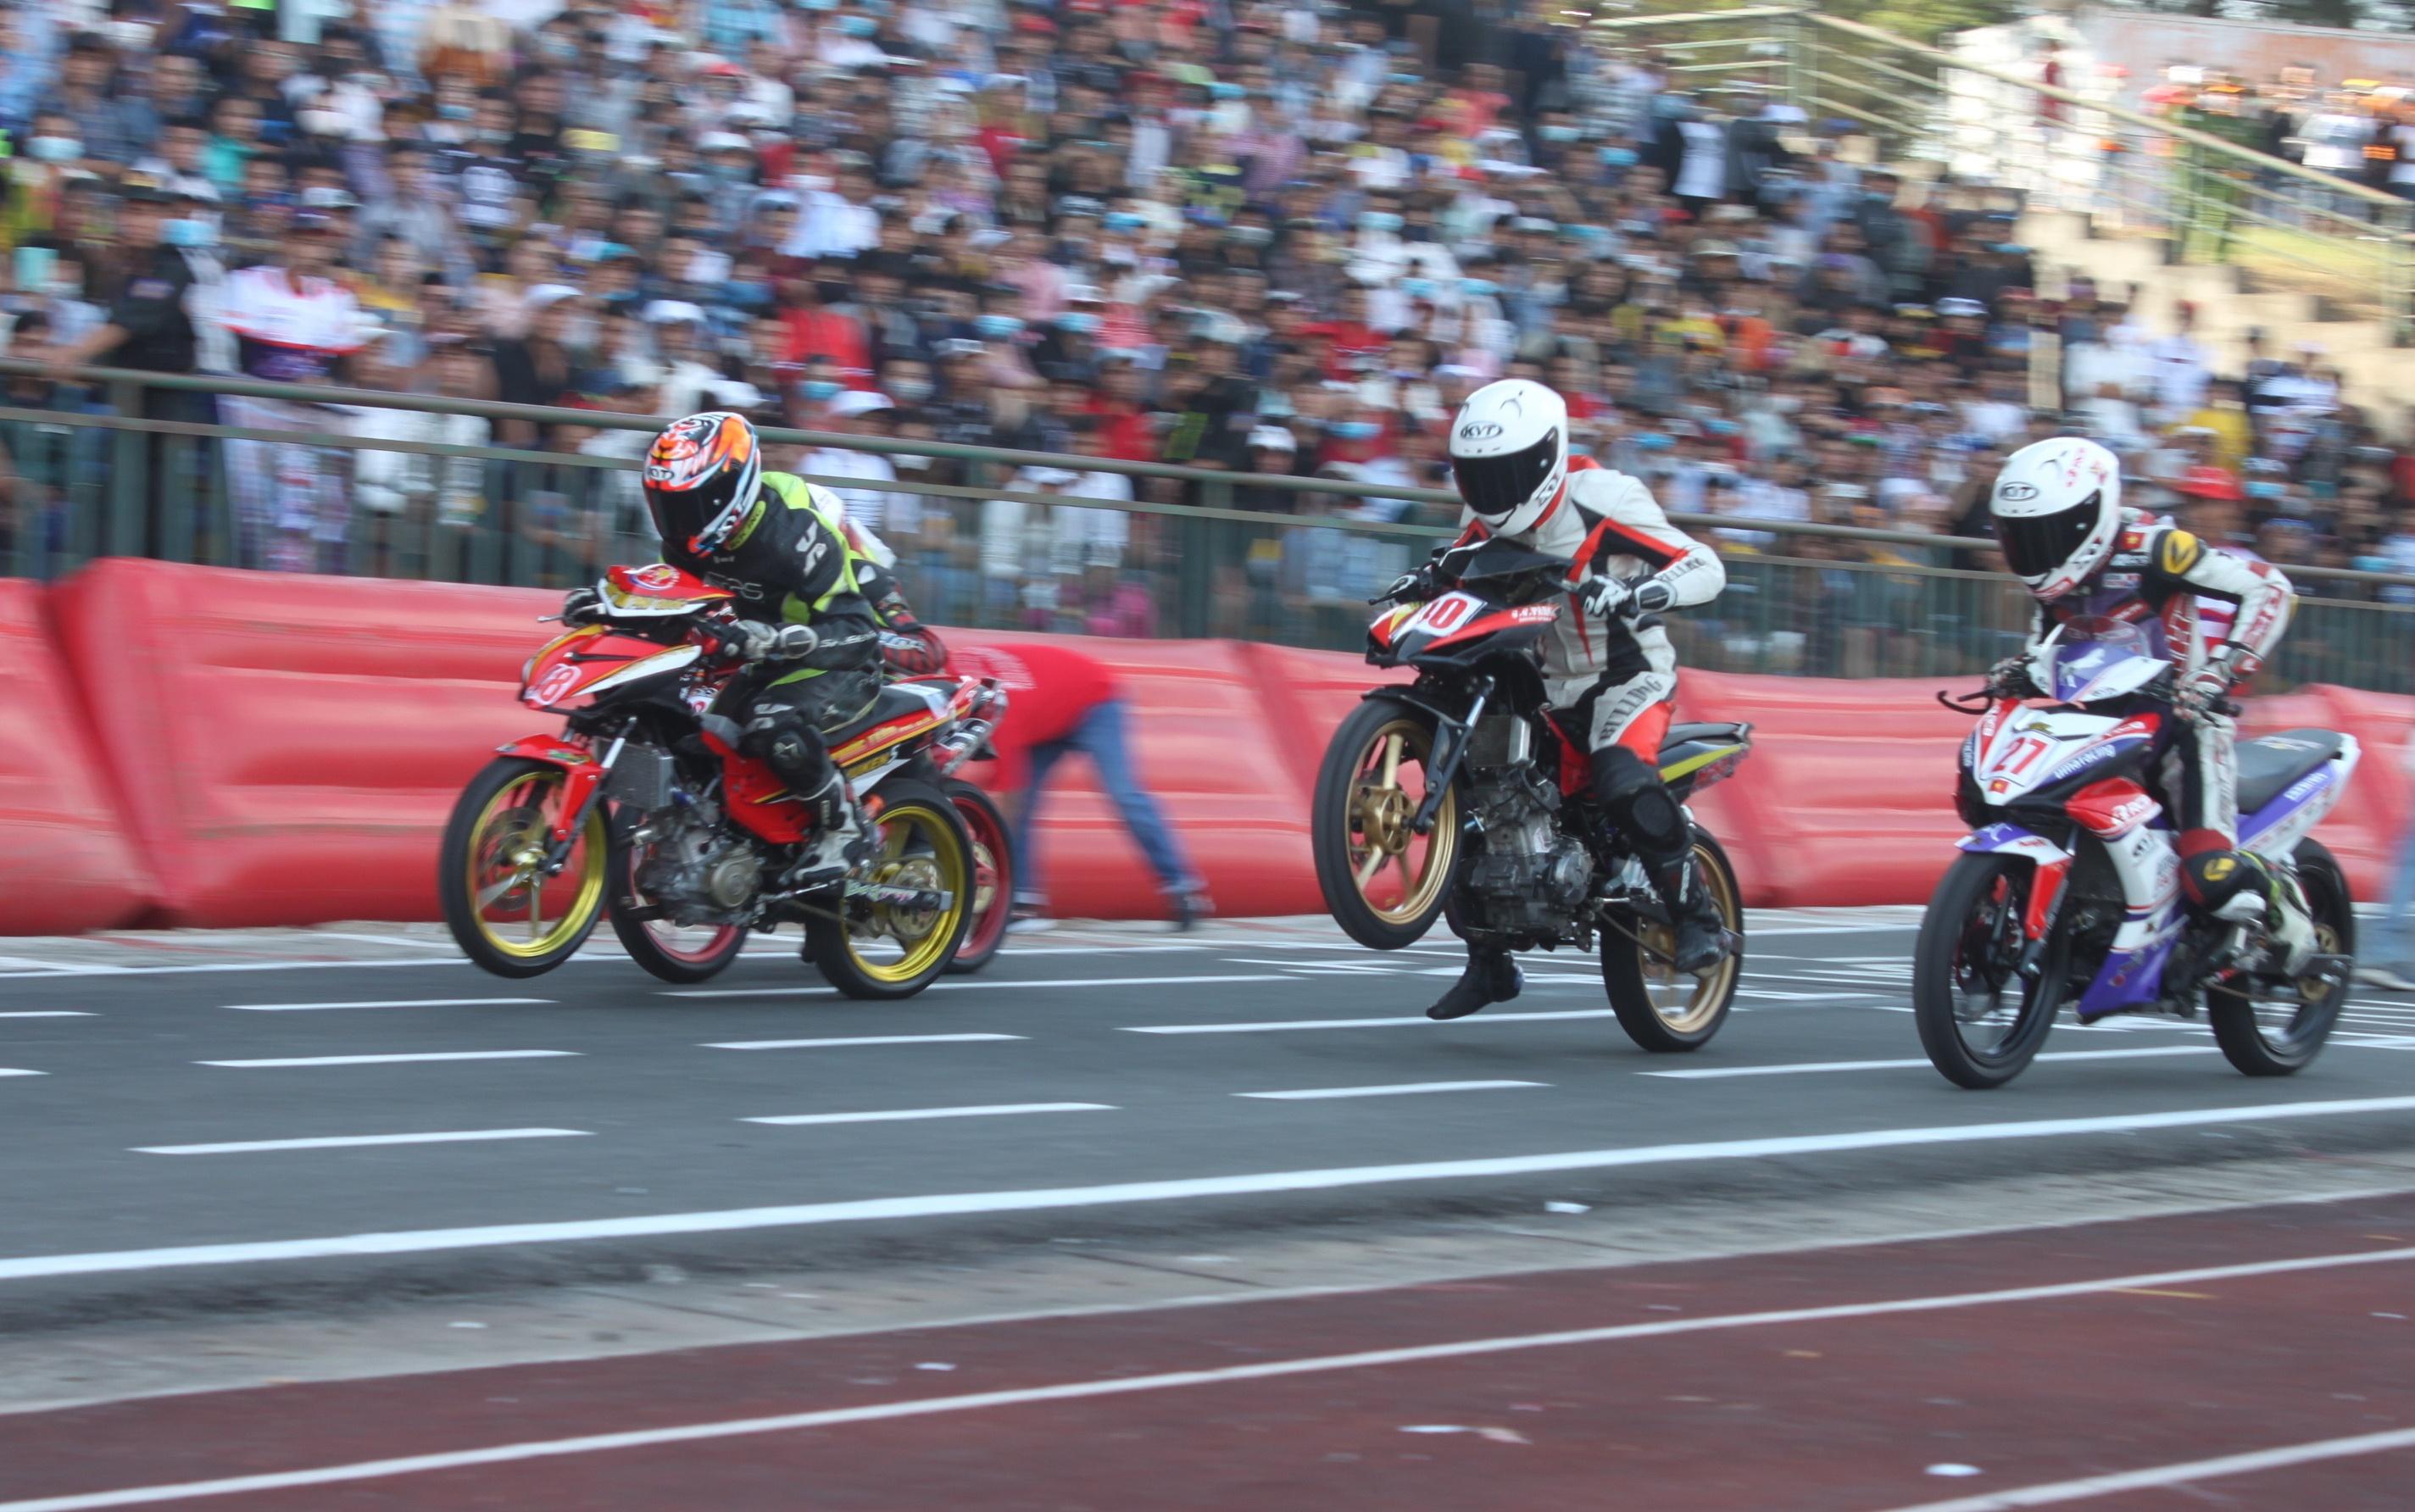 Tổ chức Giải đua xe mô tô toàn quốc Cúp vô địch quốc gia năm 2020 tại Cần Thơ